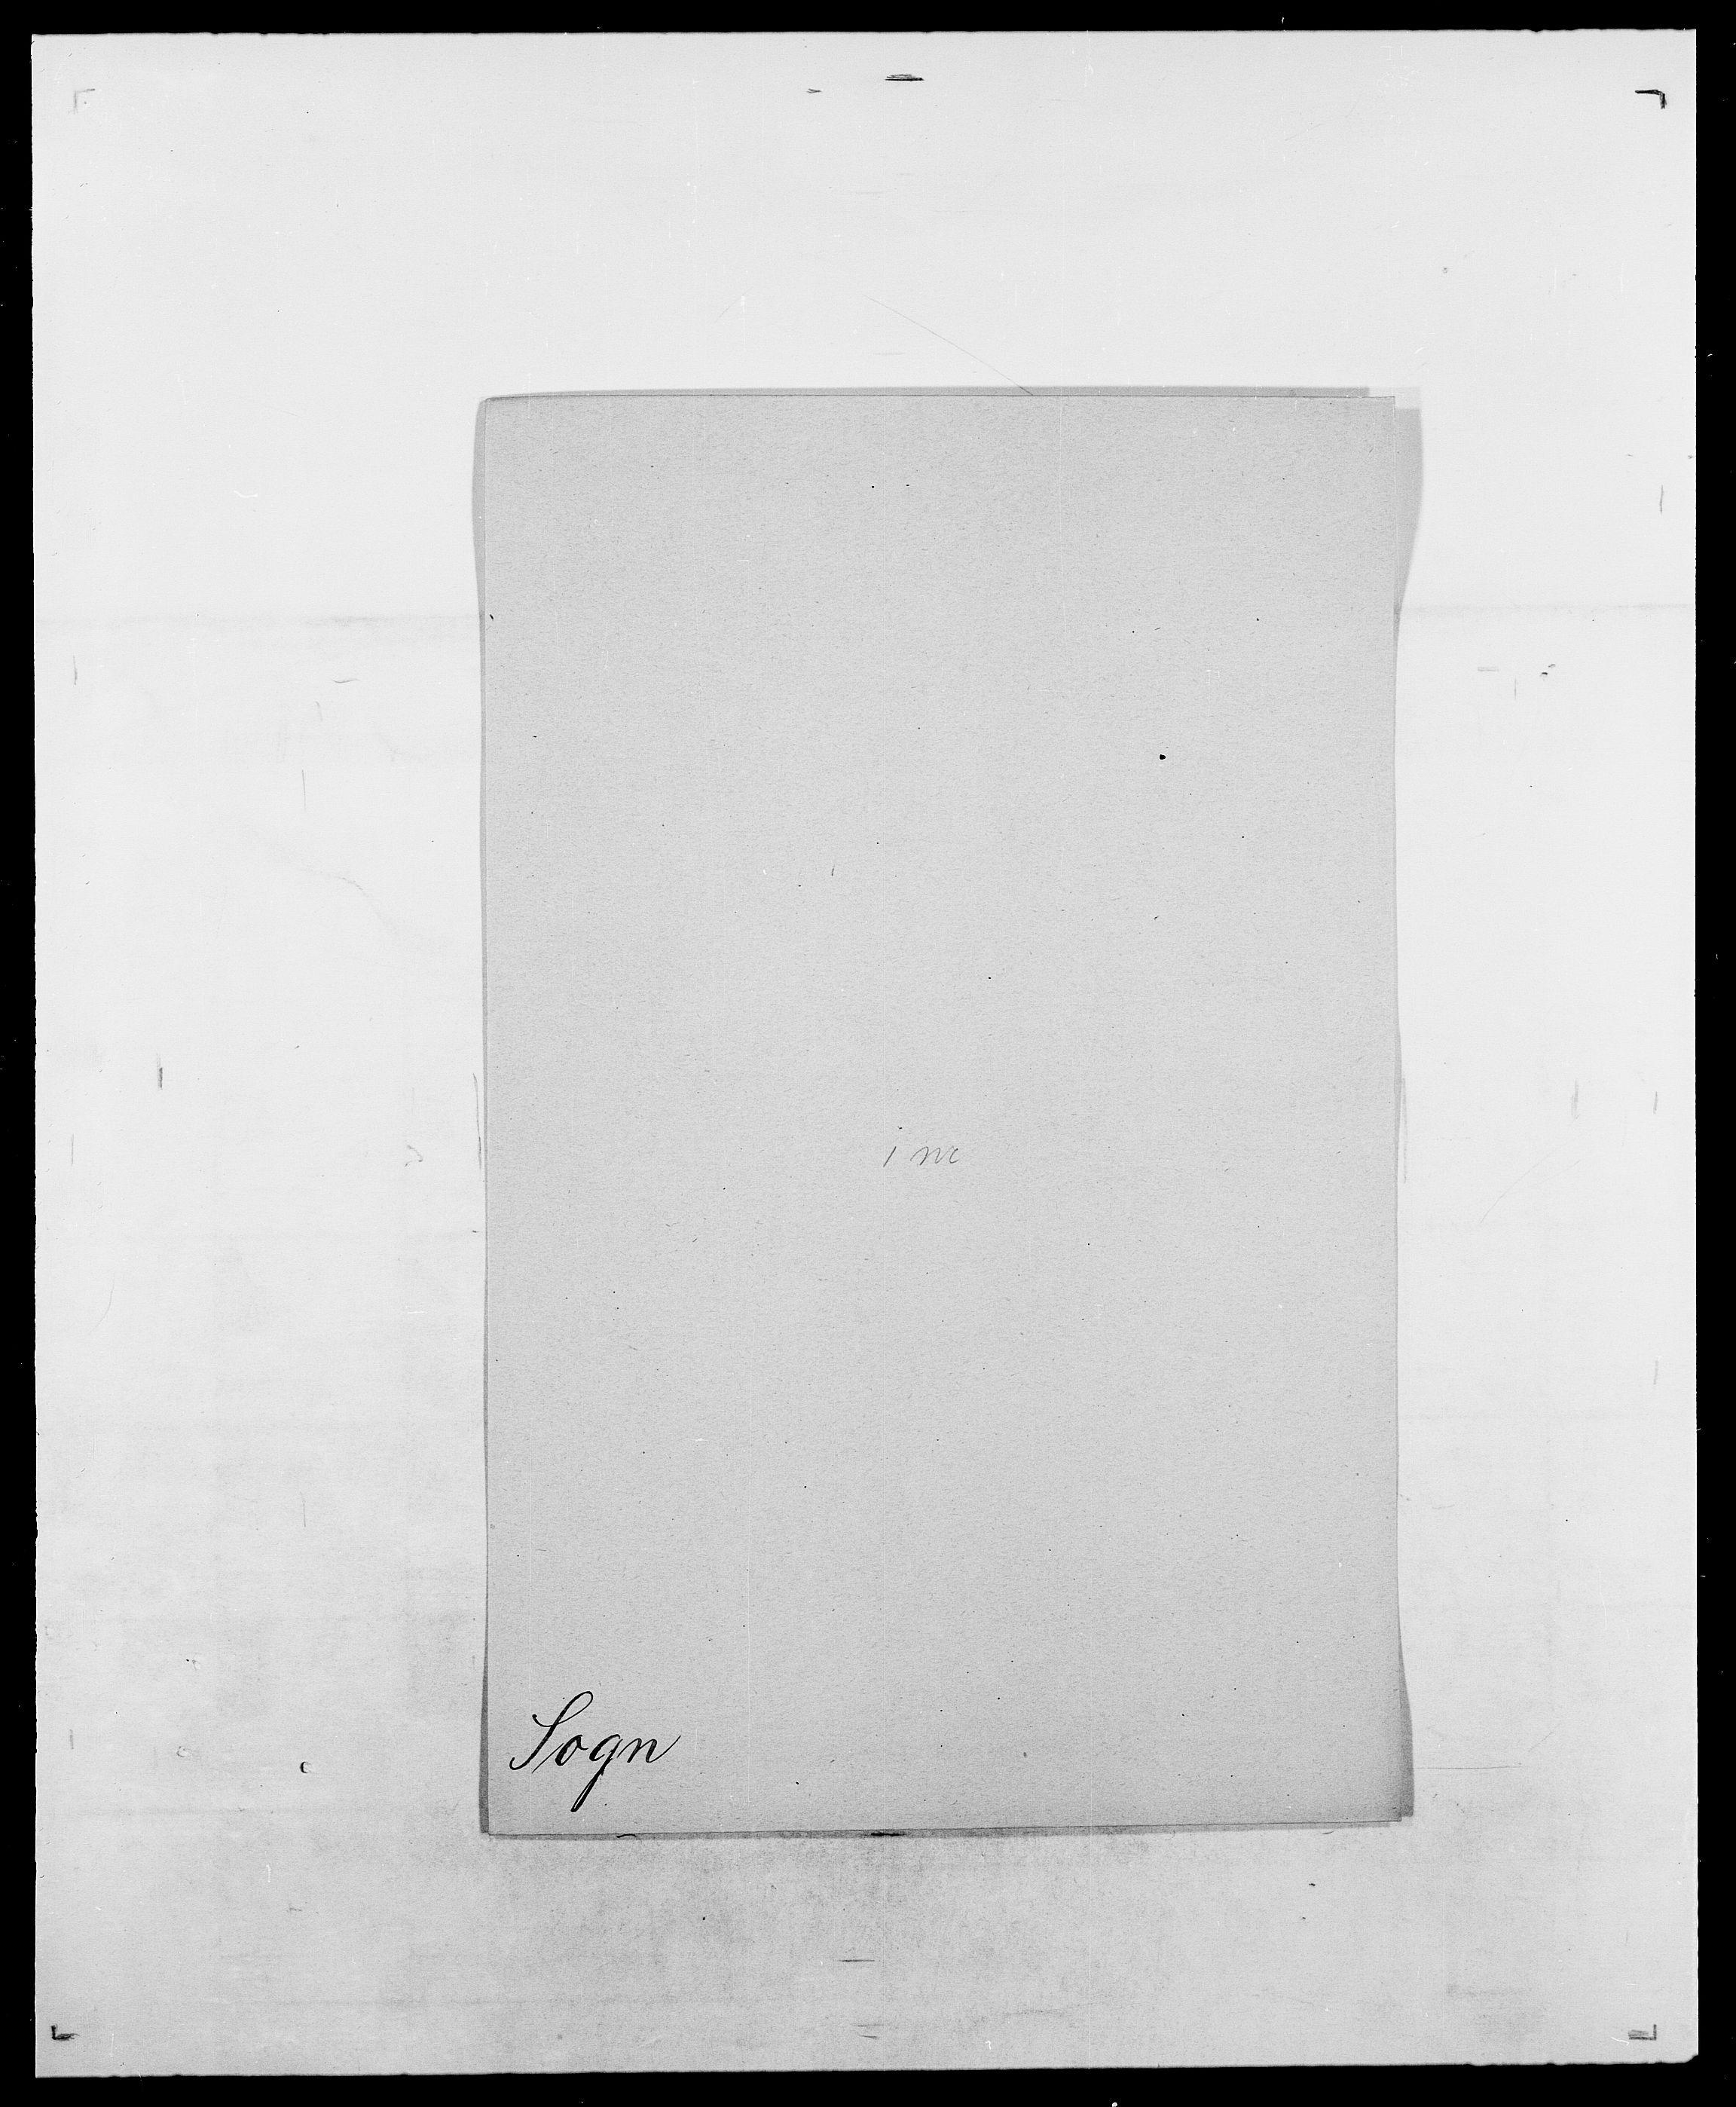 SAO, Delgobe, Charles Antoine - samling, D/Da/L0036: Skaanør - Staverskov, s. 369